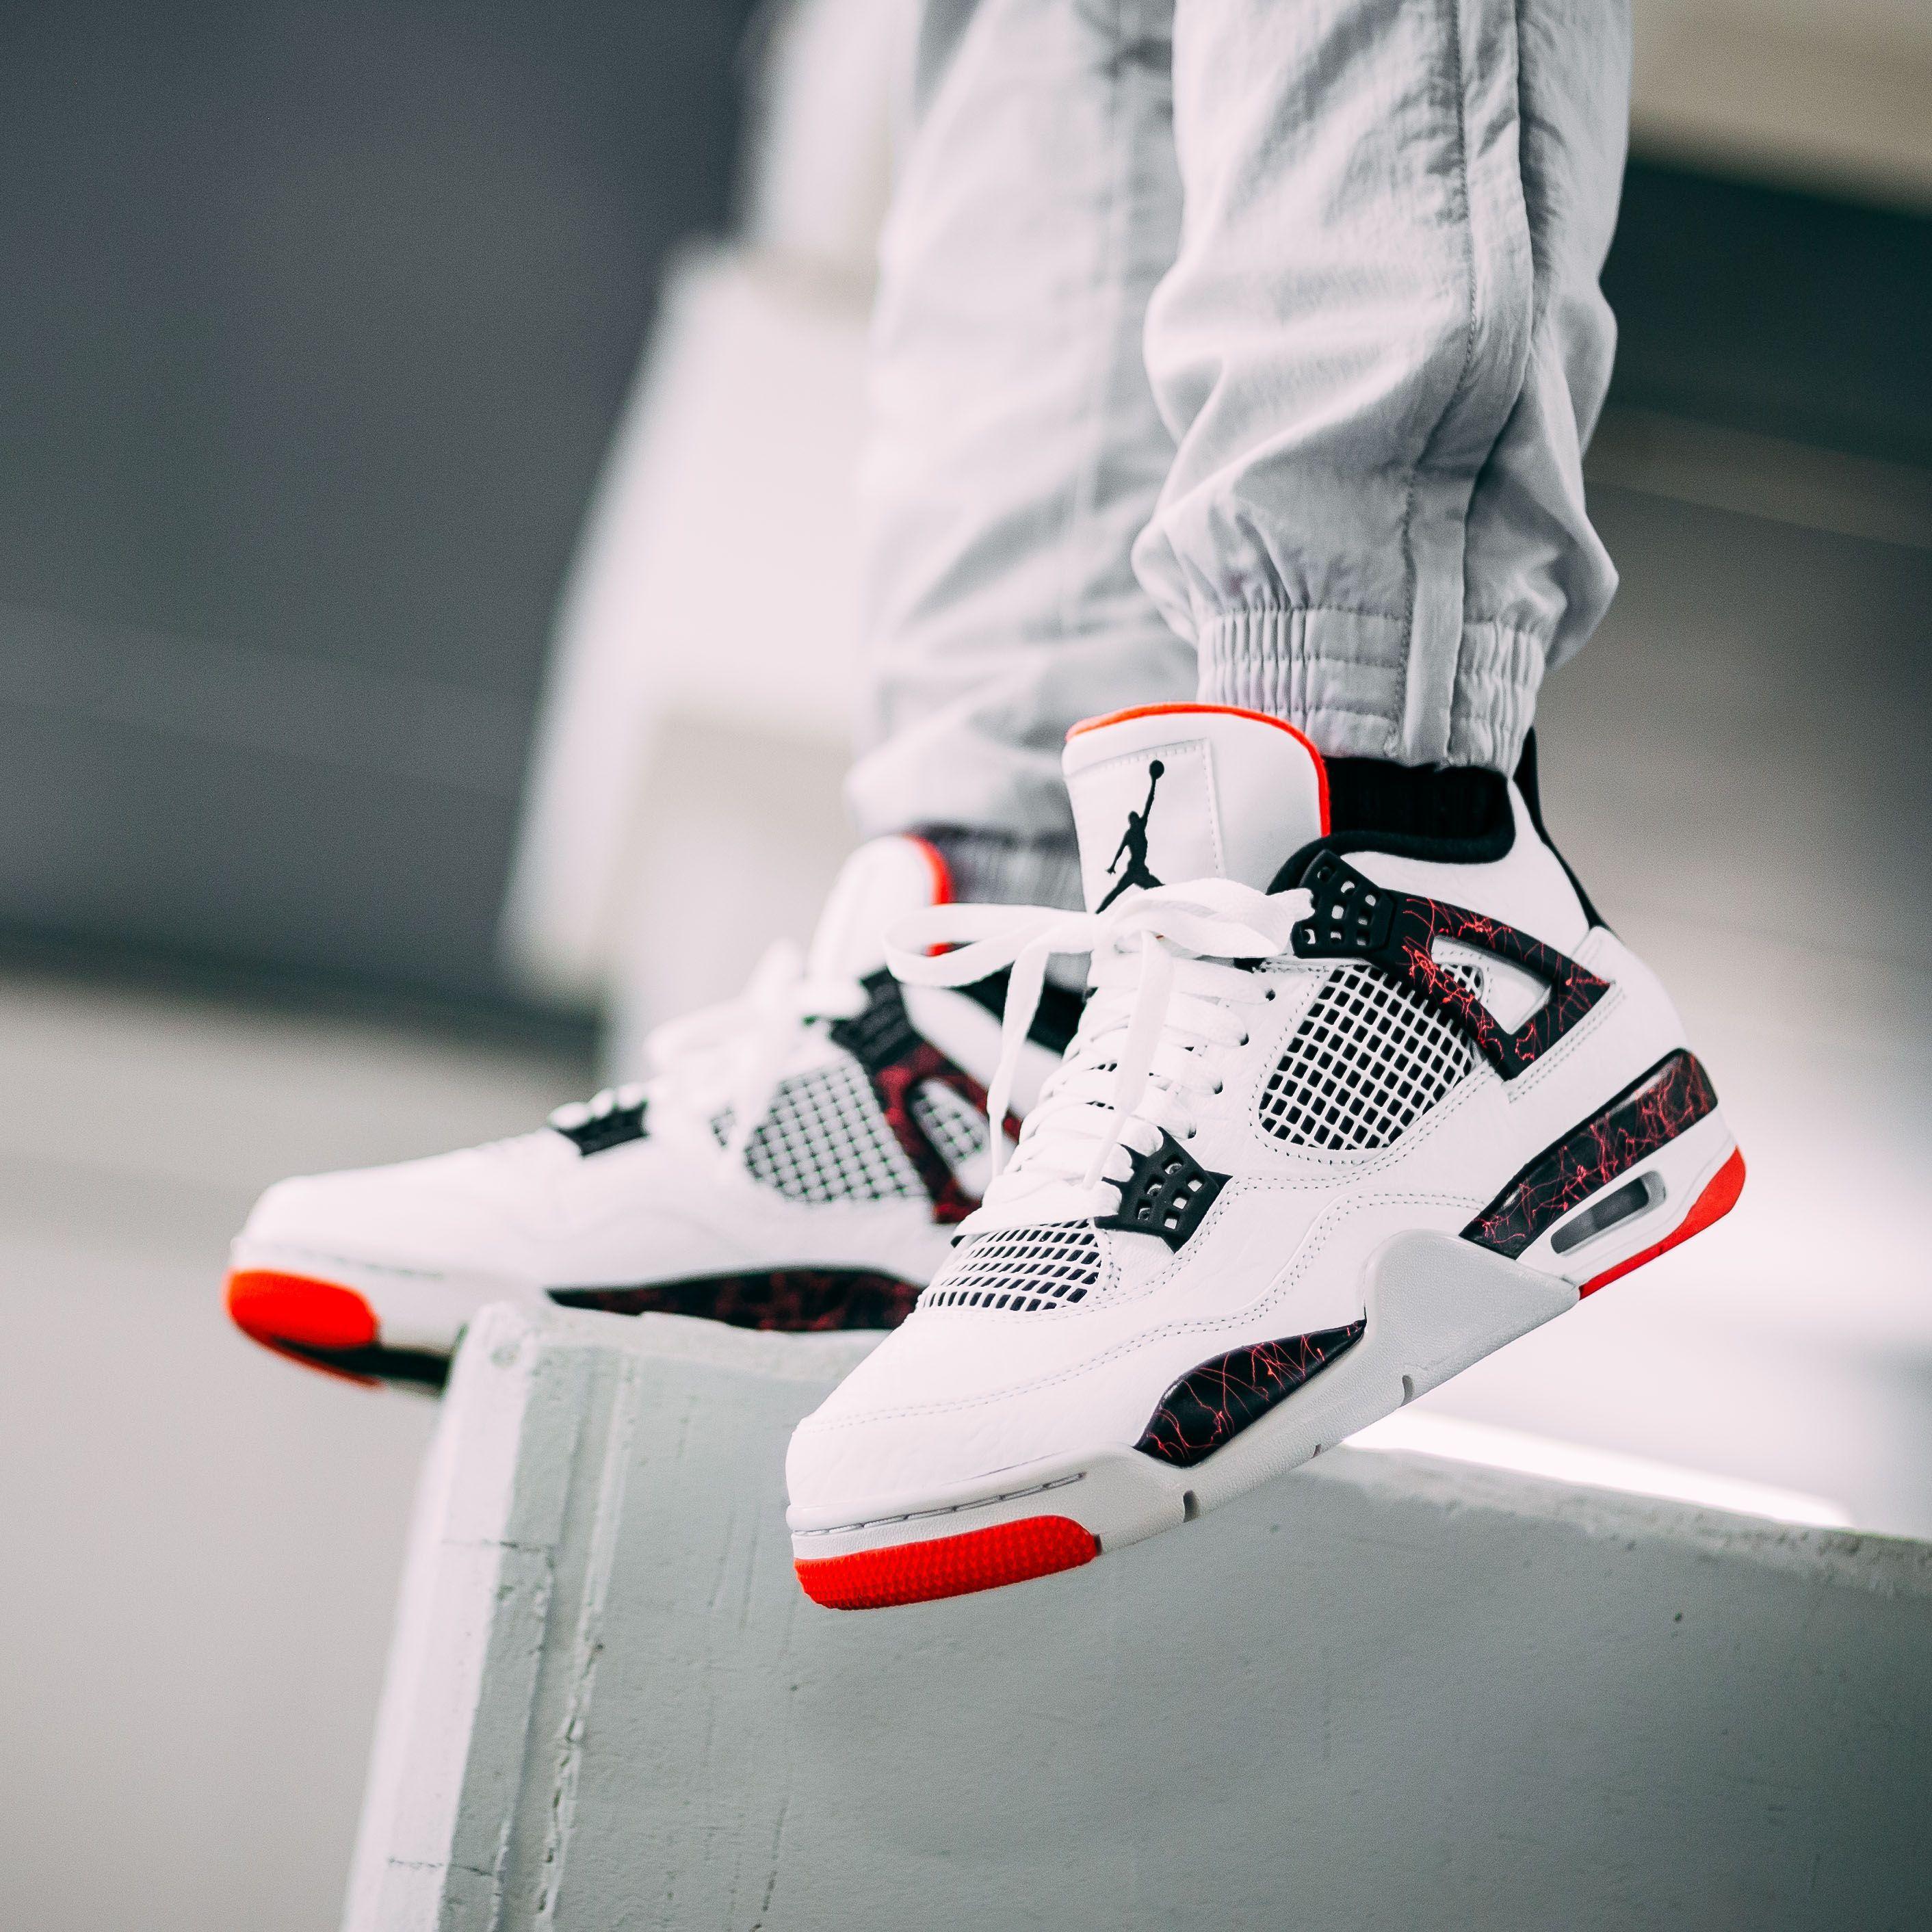 Épinglé par Katalehia sur air jordan Schuhe | Chaussures de sport ...